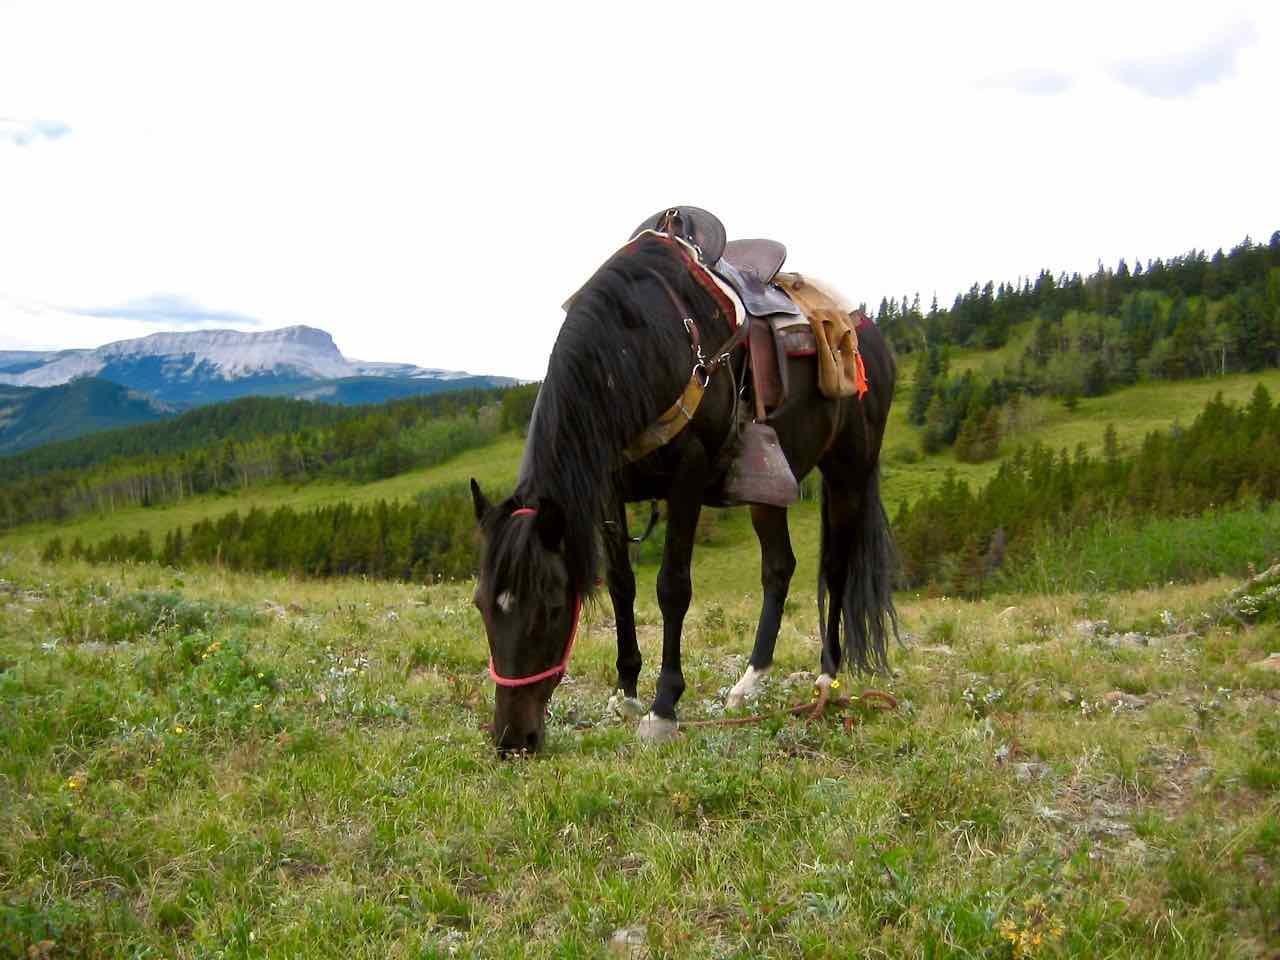 38 sites, 6 horse corrals